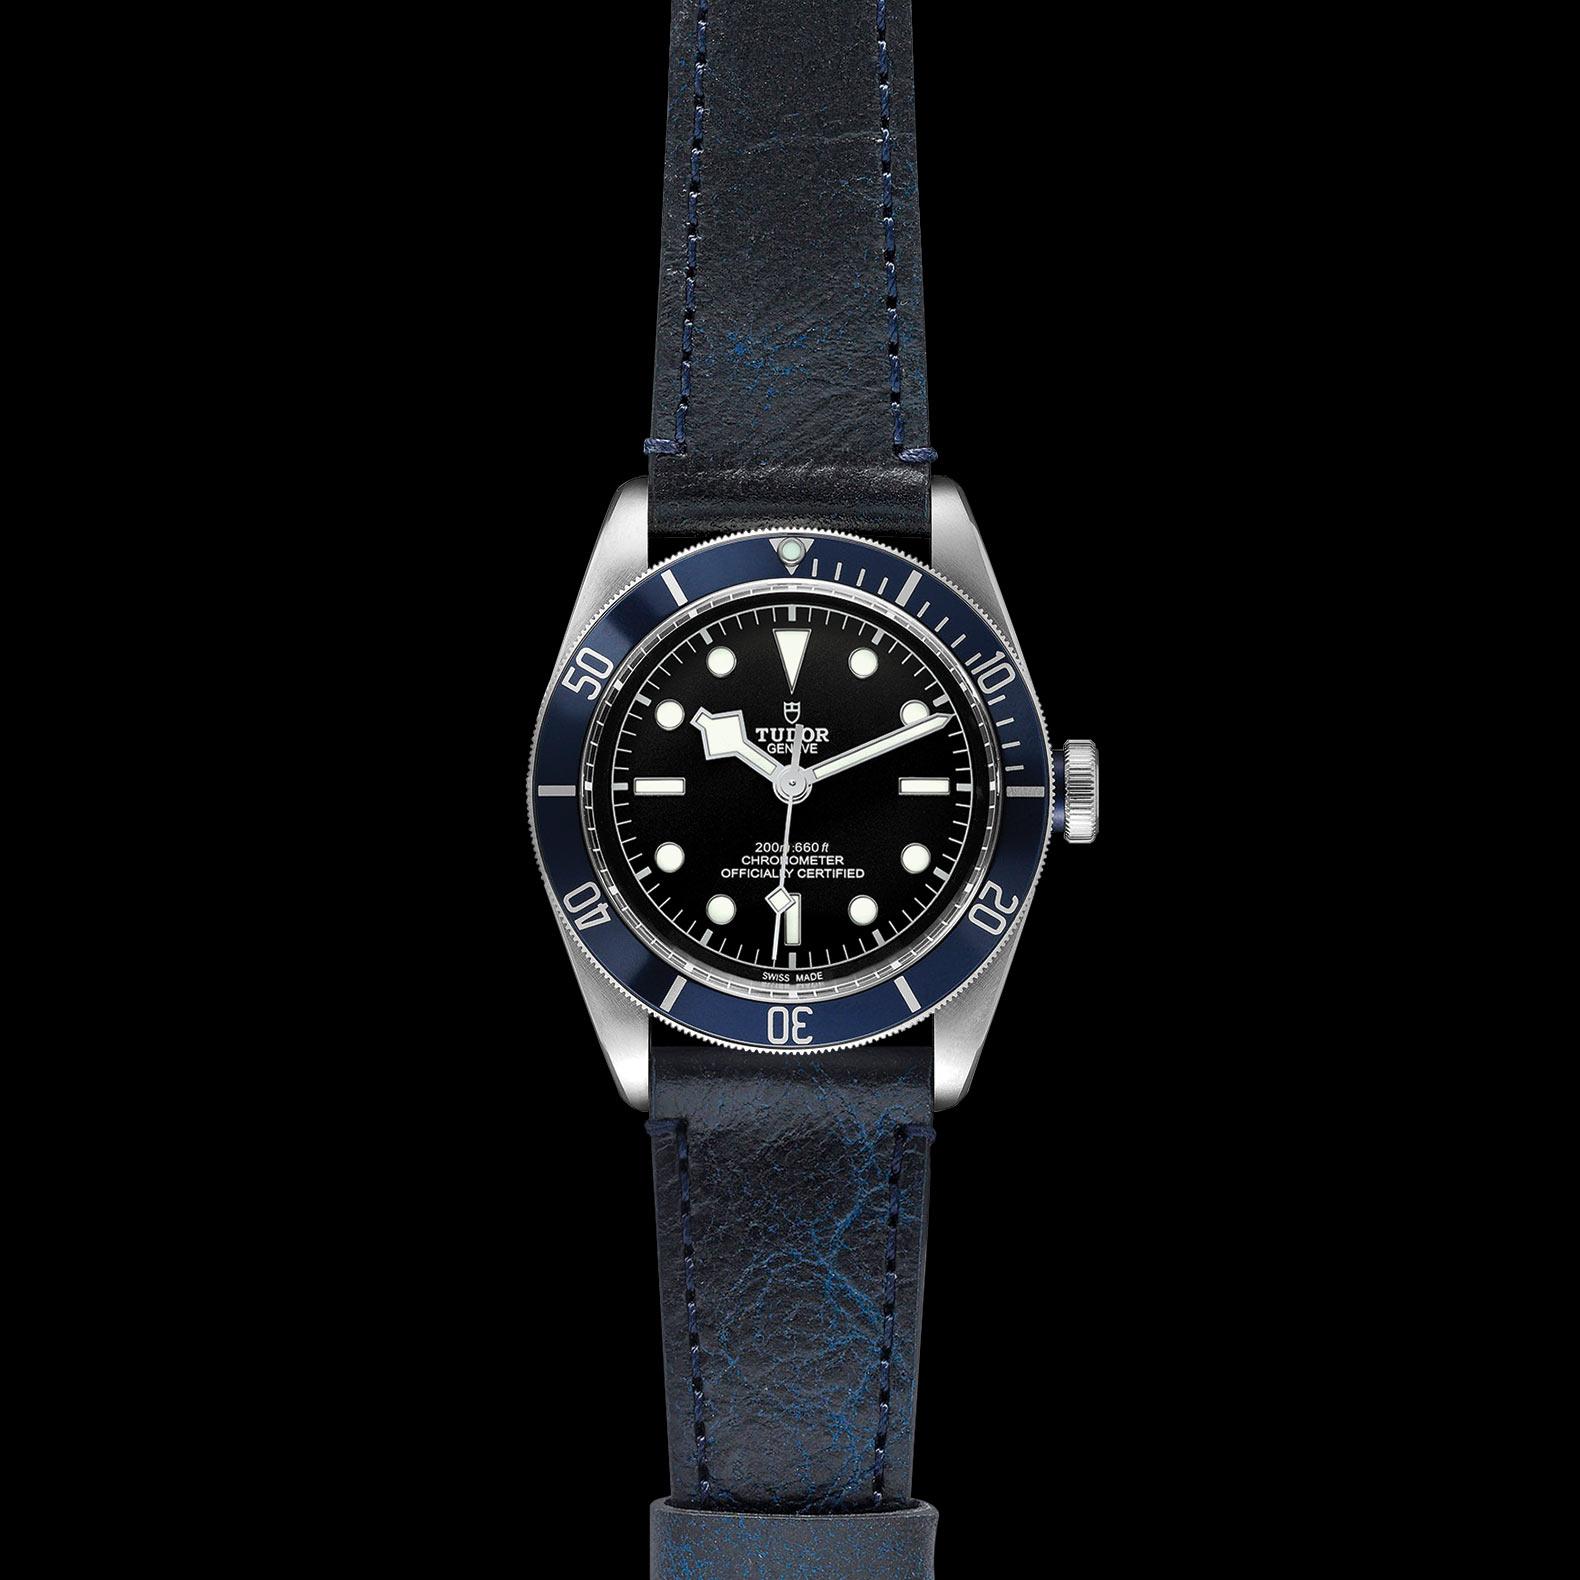 Reloj Tudor Black Bay Automático en acero con esfera color negro y bisel color azul.